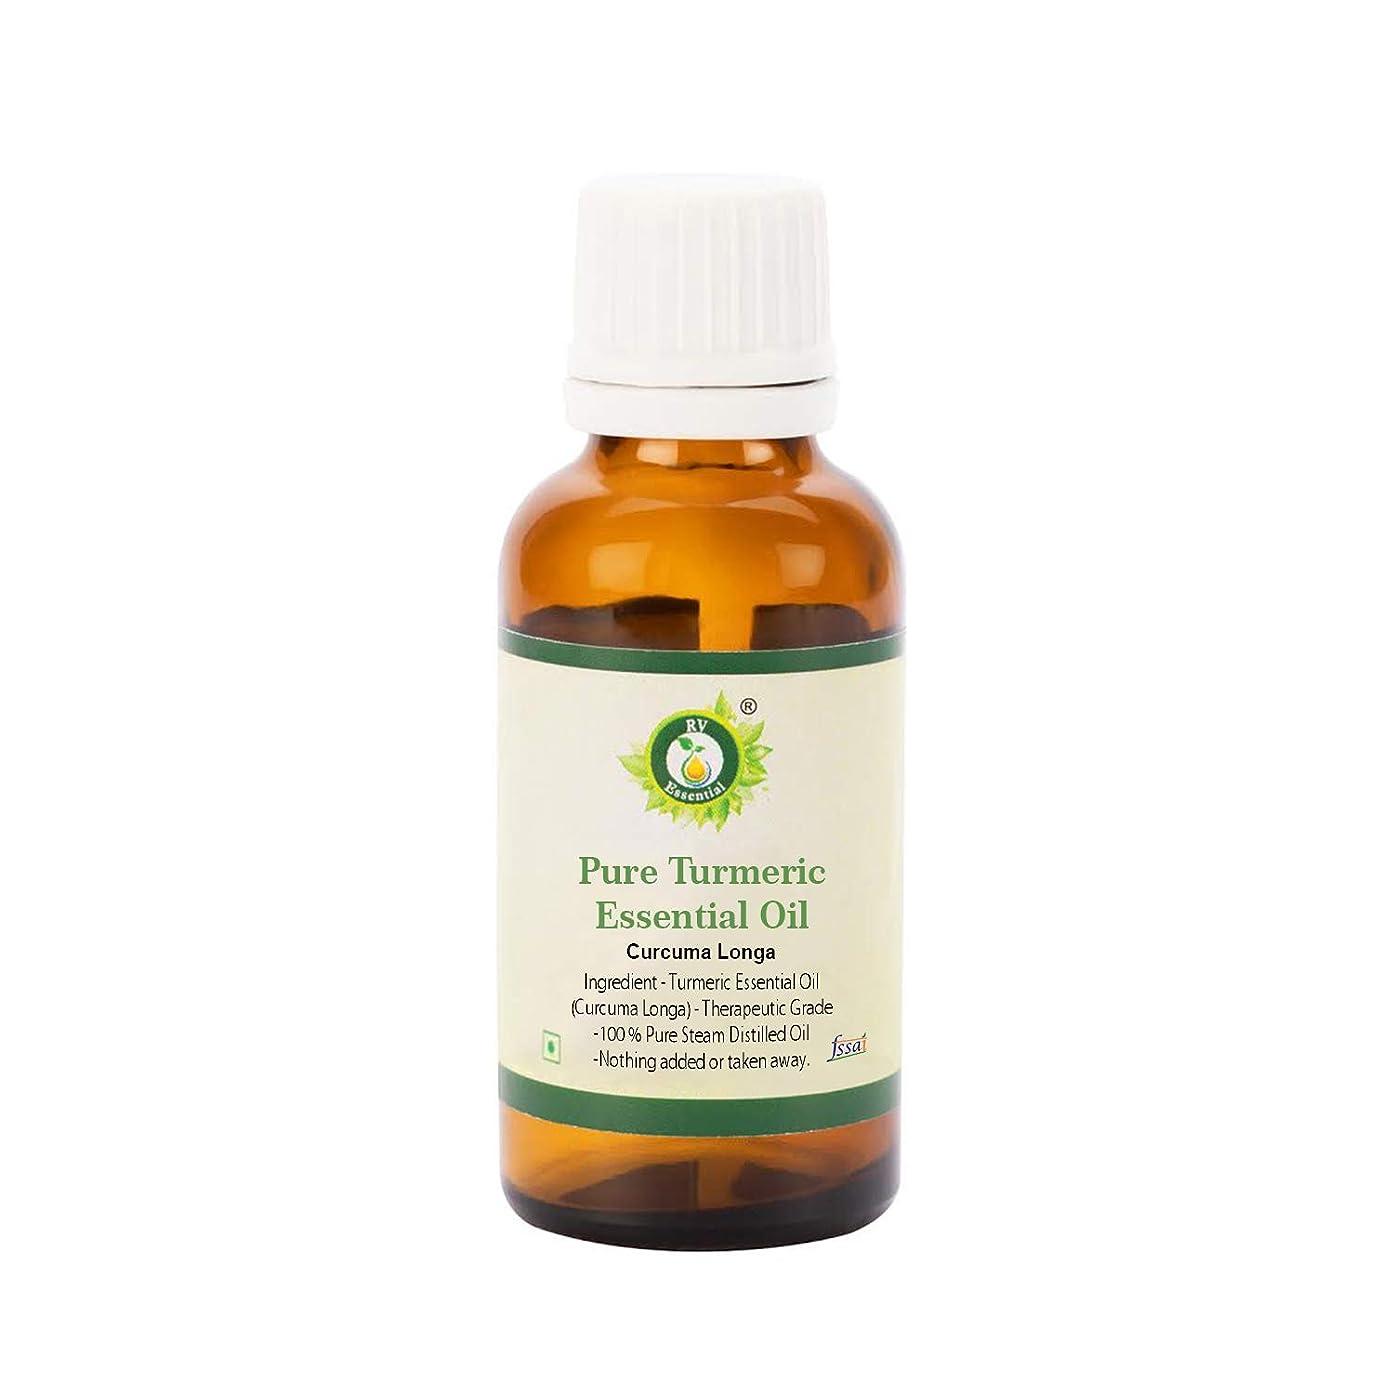 ギャラリーカンガルー絵R V Essential 純粋なウコン精油5ml (0.169oz)- Curcuma Longa (100%純粋&天然スチームDistilled) Pure Turmeric Essential Oil